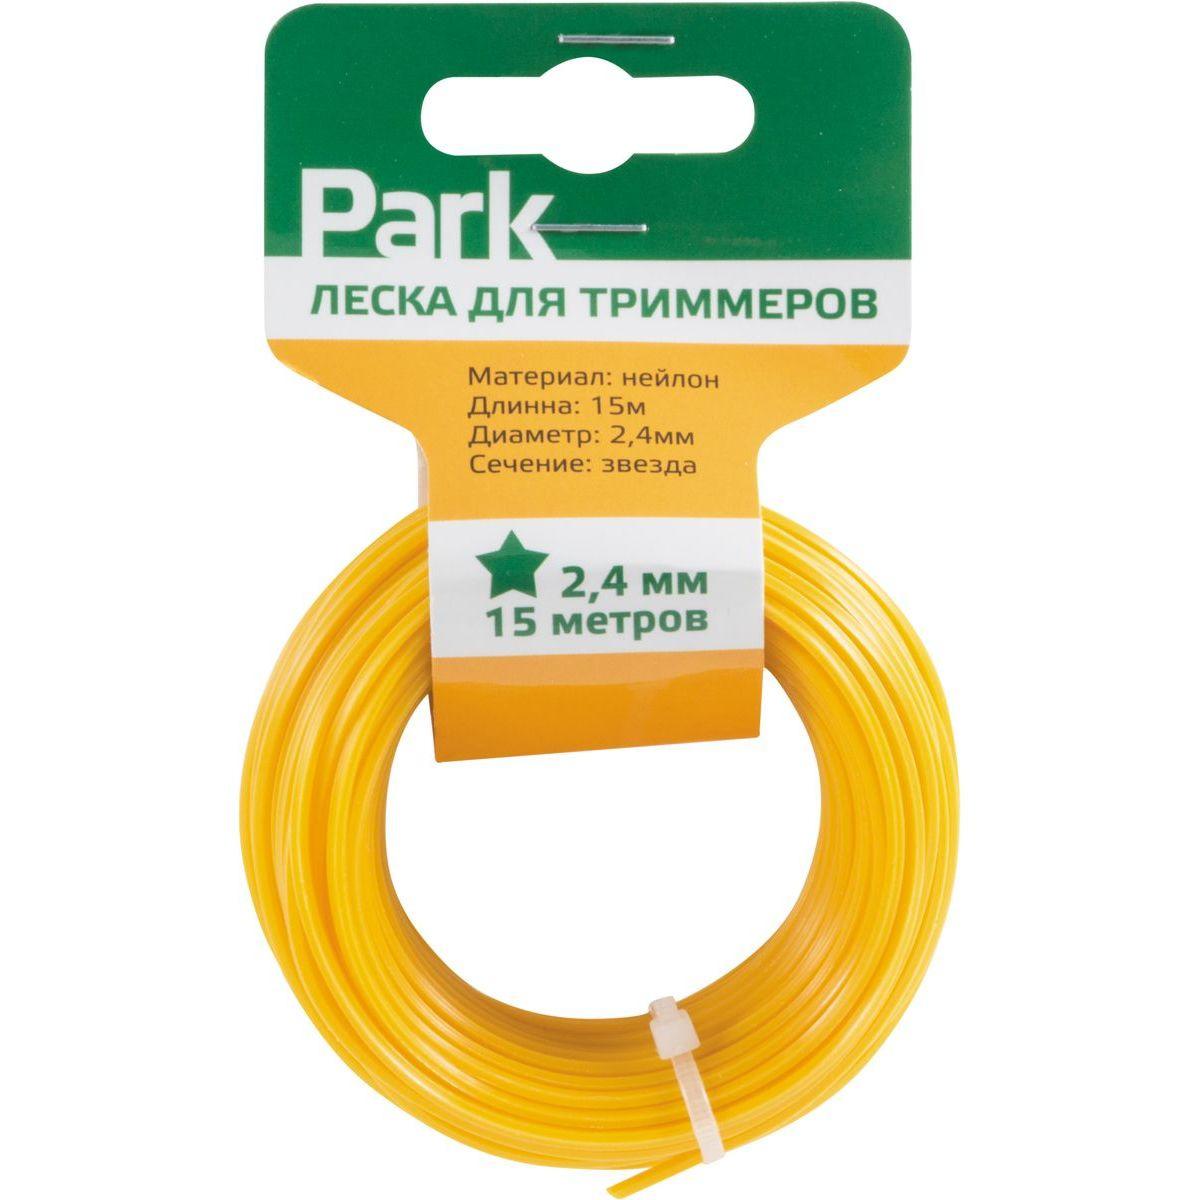 Леска для триммеров Park, звезда, 990591, желтый, 2,4 мм, 15 м